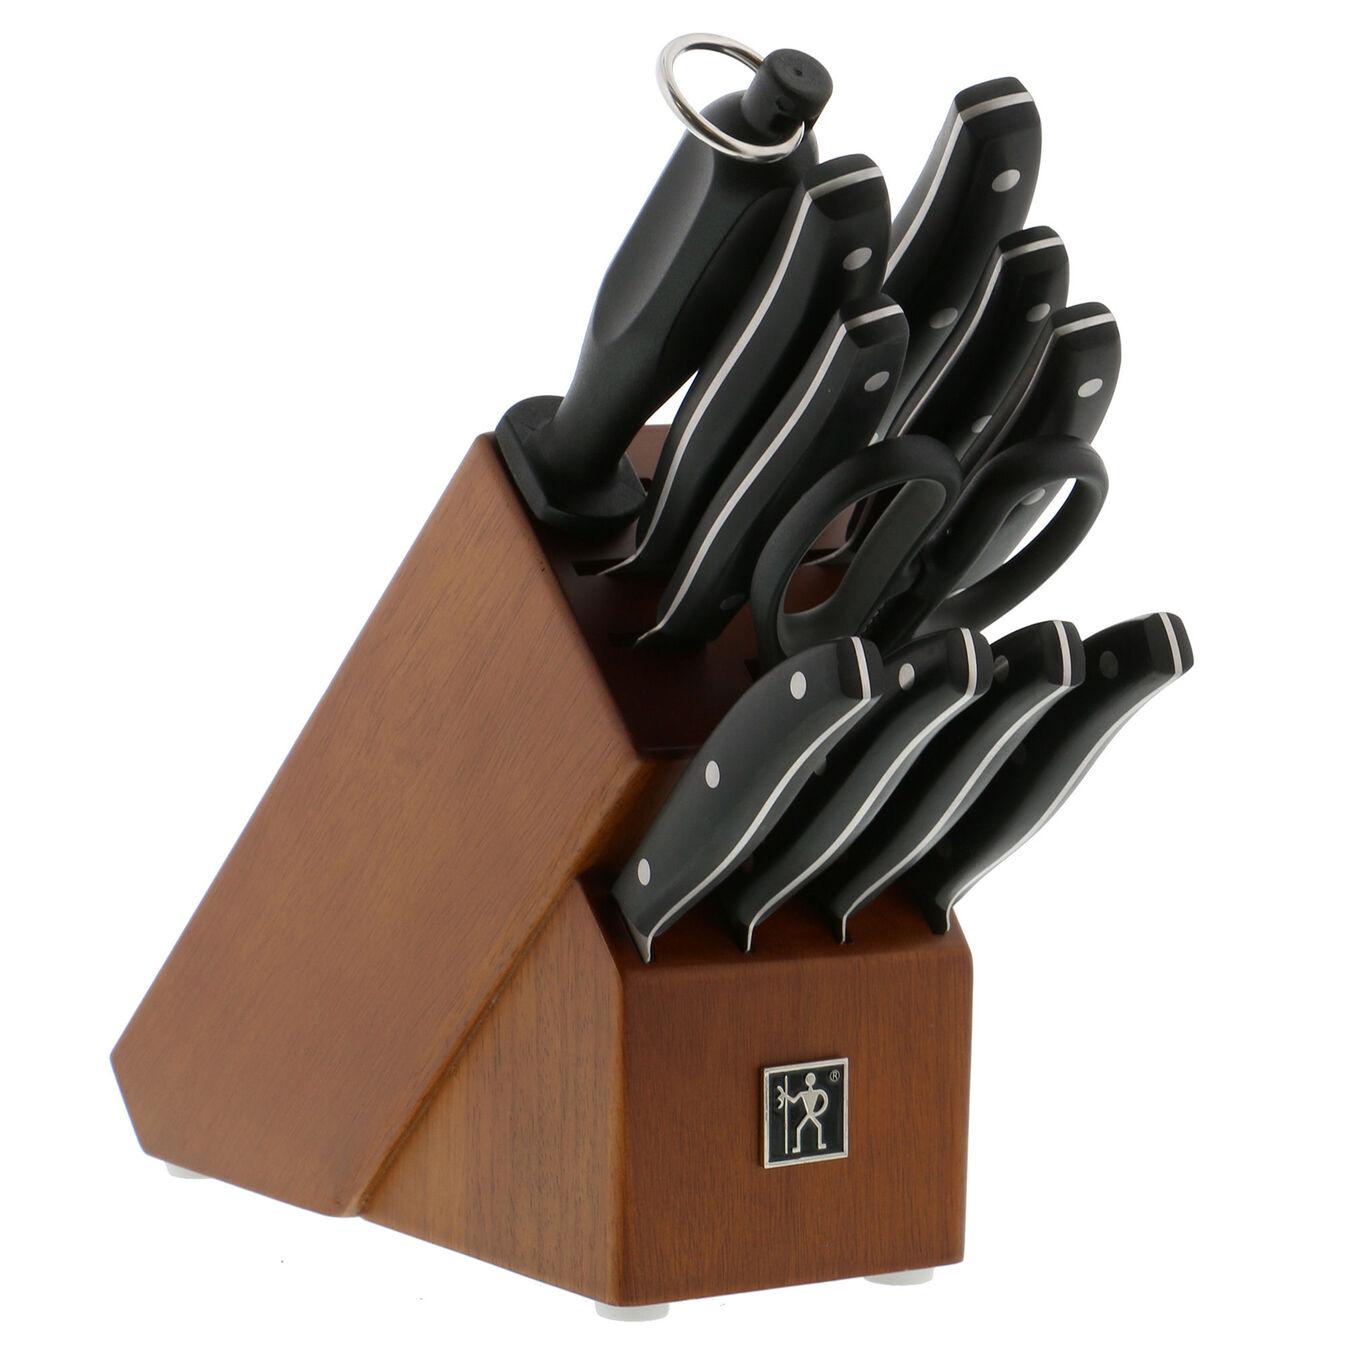 12-pc Knife Block Set - Harwood,,large 1